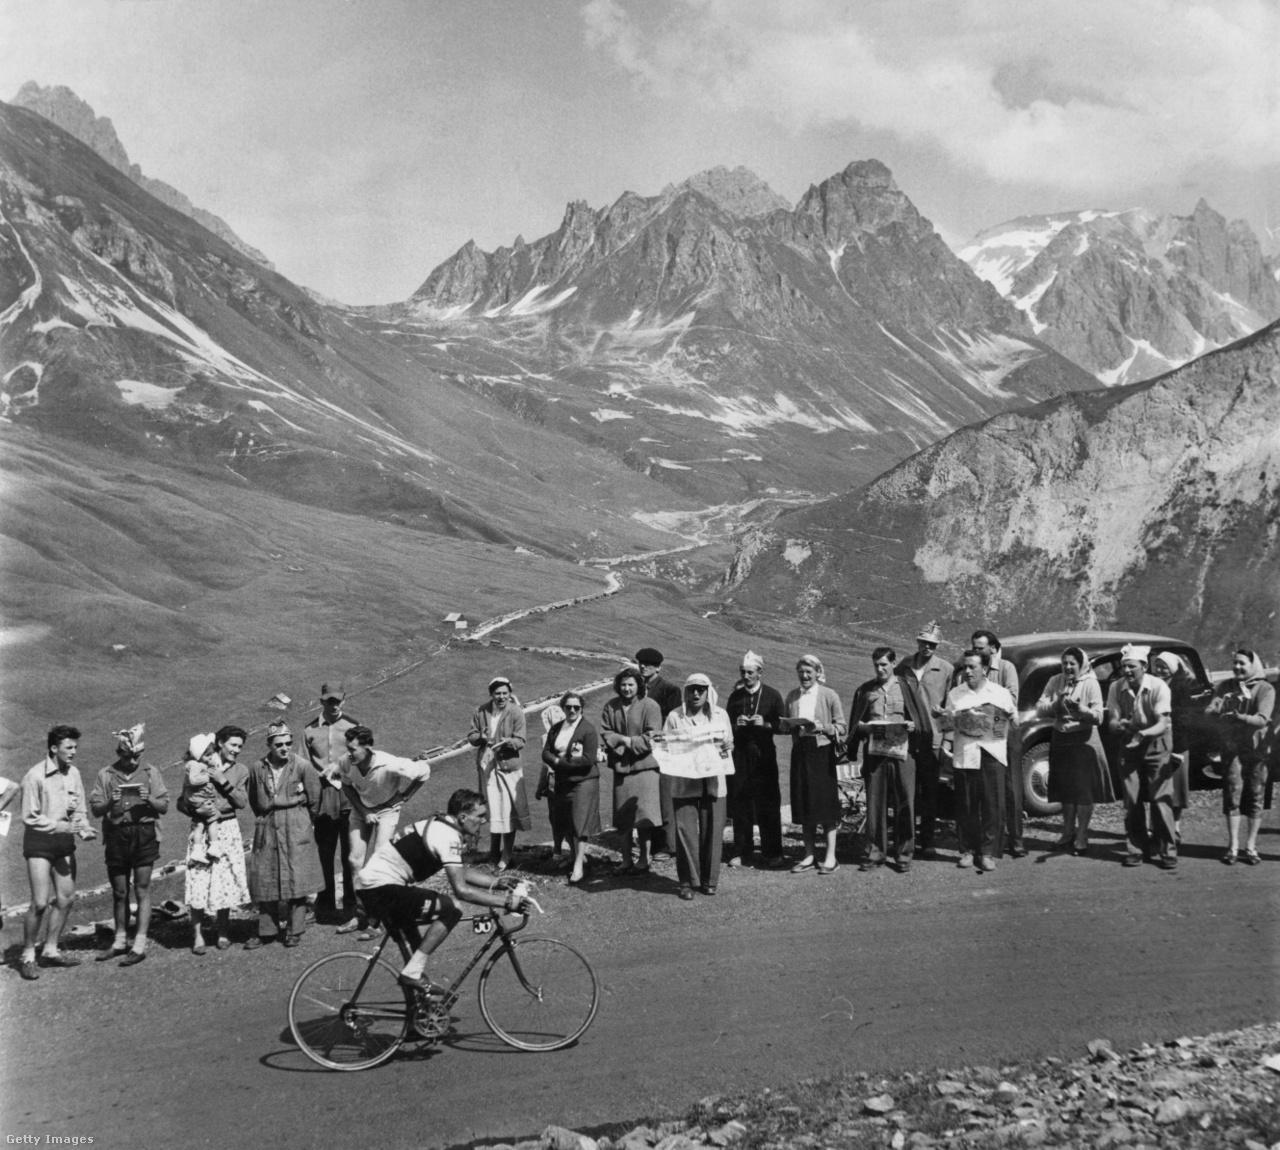 Manapság a brit Ineos/Sky uralja a Tourt, de a brit dominancia sokáig fel sem merülhetett a versenyen. 1955 volt az első év, amikor brit csapat indult a Touron. A tíz csapattagból végül kettő ért célba. A legjobb versenyzőjük, Brian Robinson a 29. lett összetettben, közel két órát kapott a sorozatban harmadik Tourját nyerő Louison Bobet-tól.